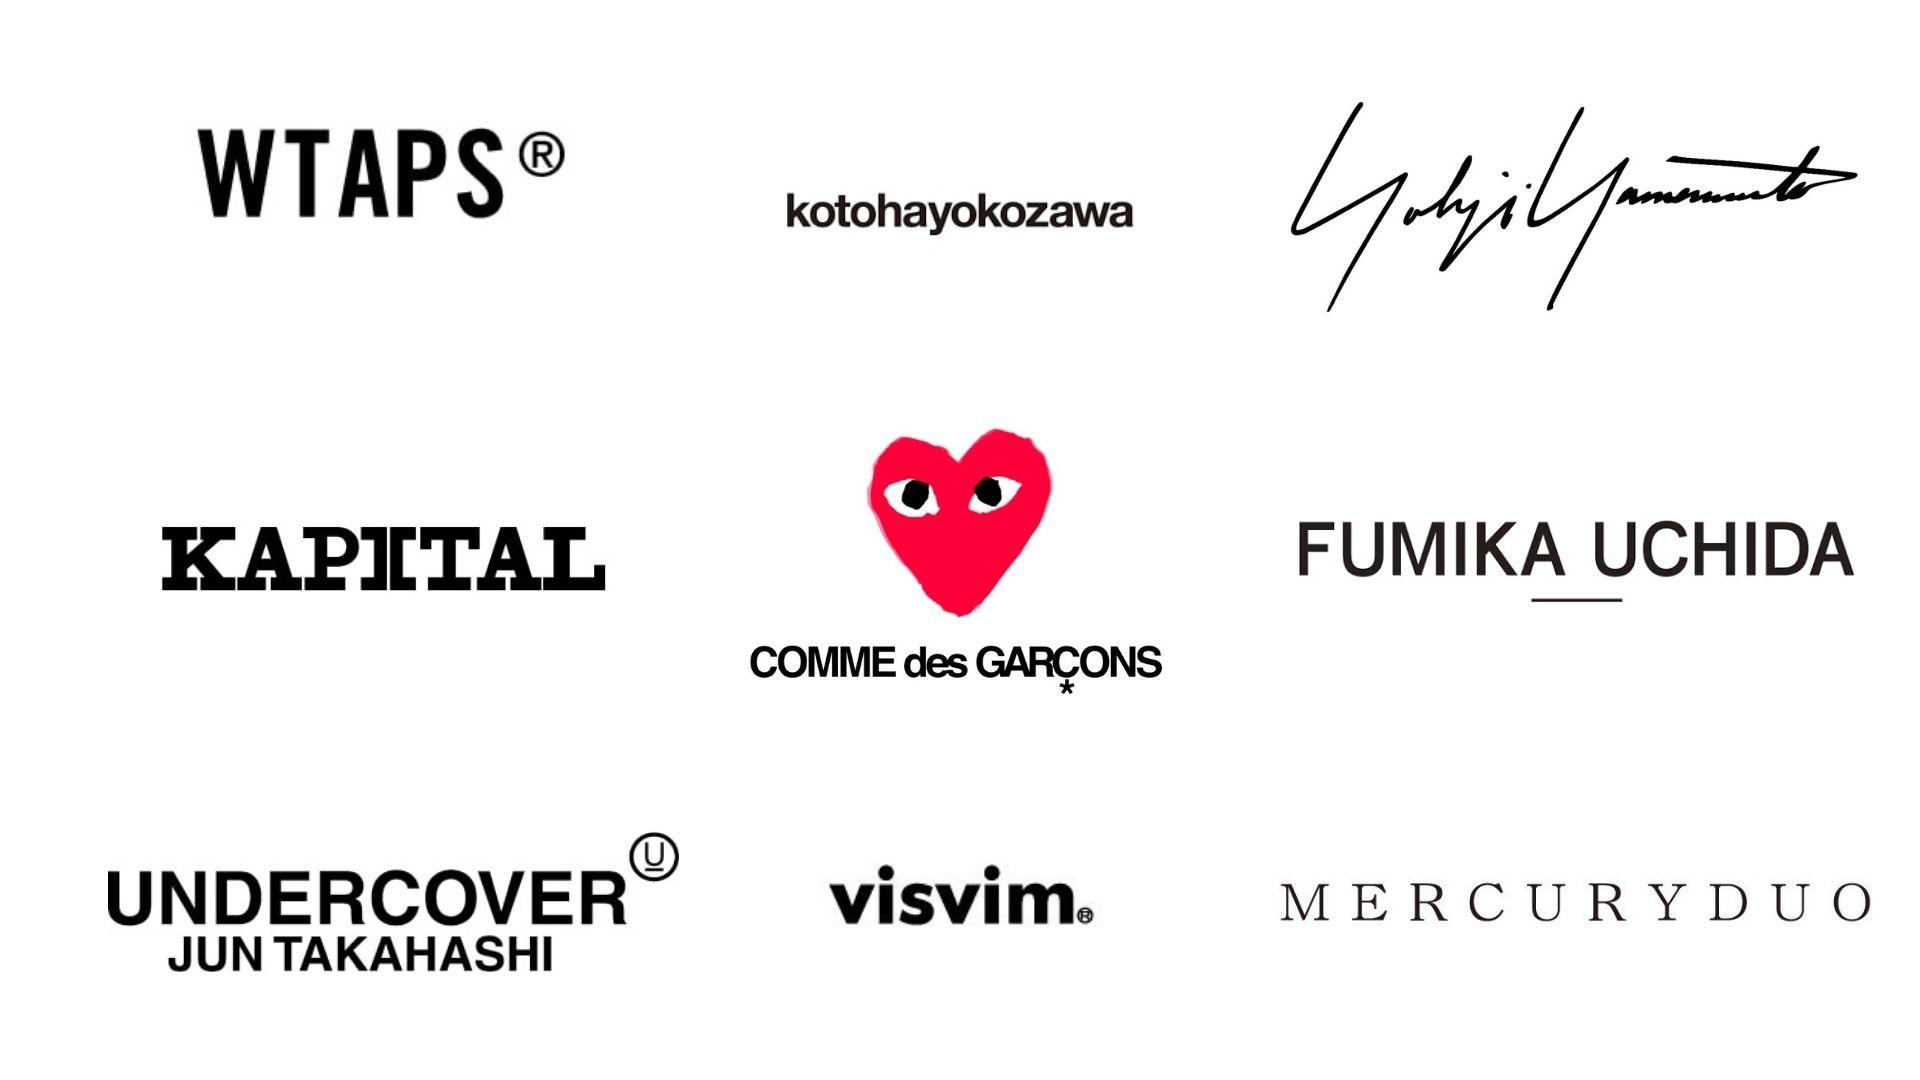 marques-de-streetwear-japonais